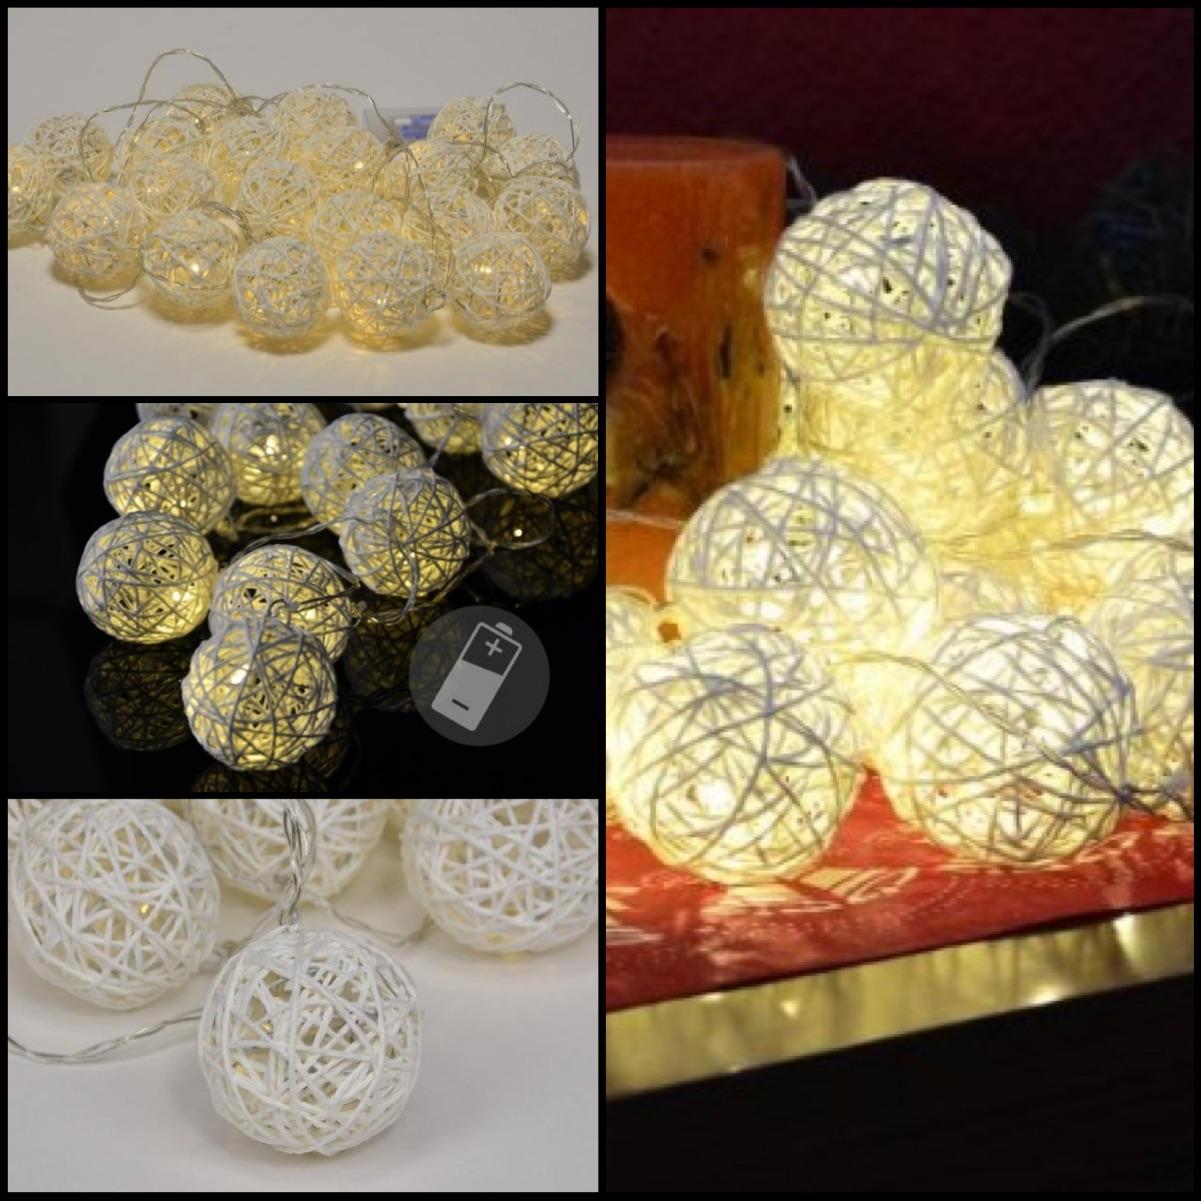 Vánoční LED osvětlení v podobě ratanových koulí neurazí v při tradiční ani moderní vánoční výzdobě.